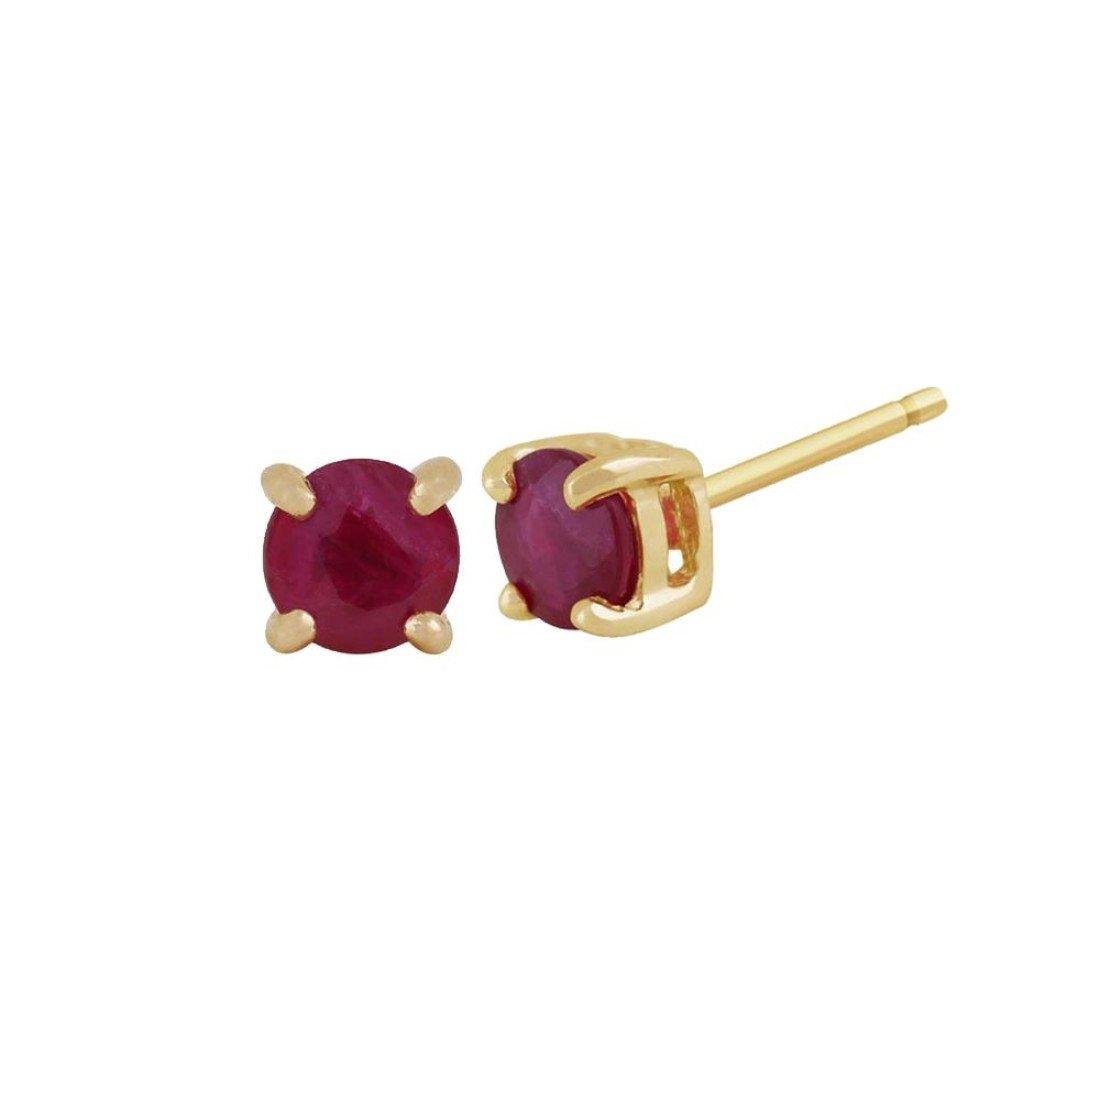 Ruby Round Stud Earrings